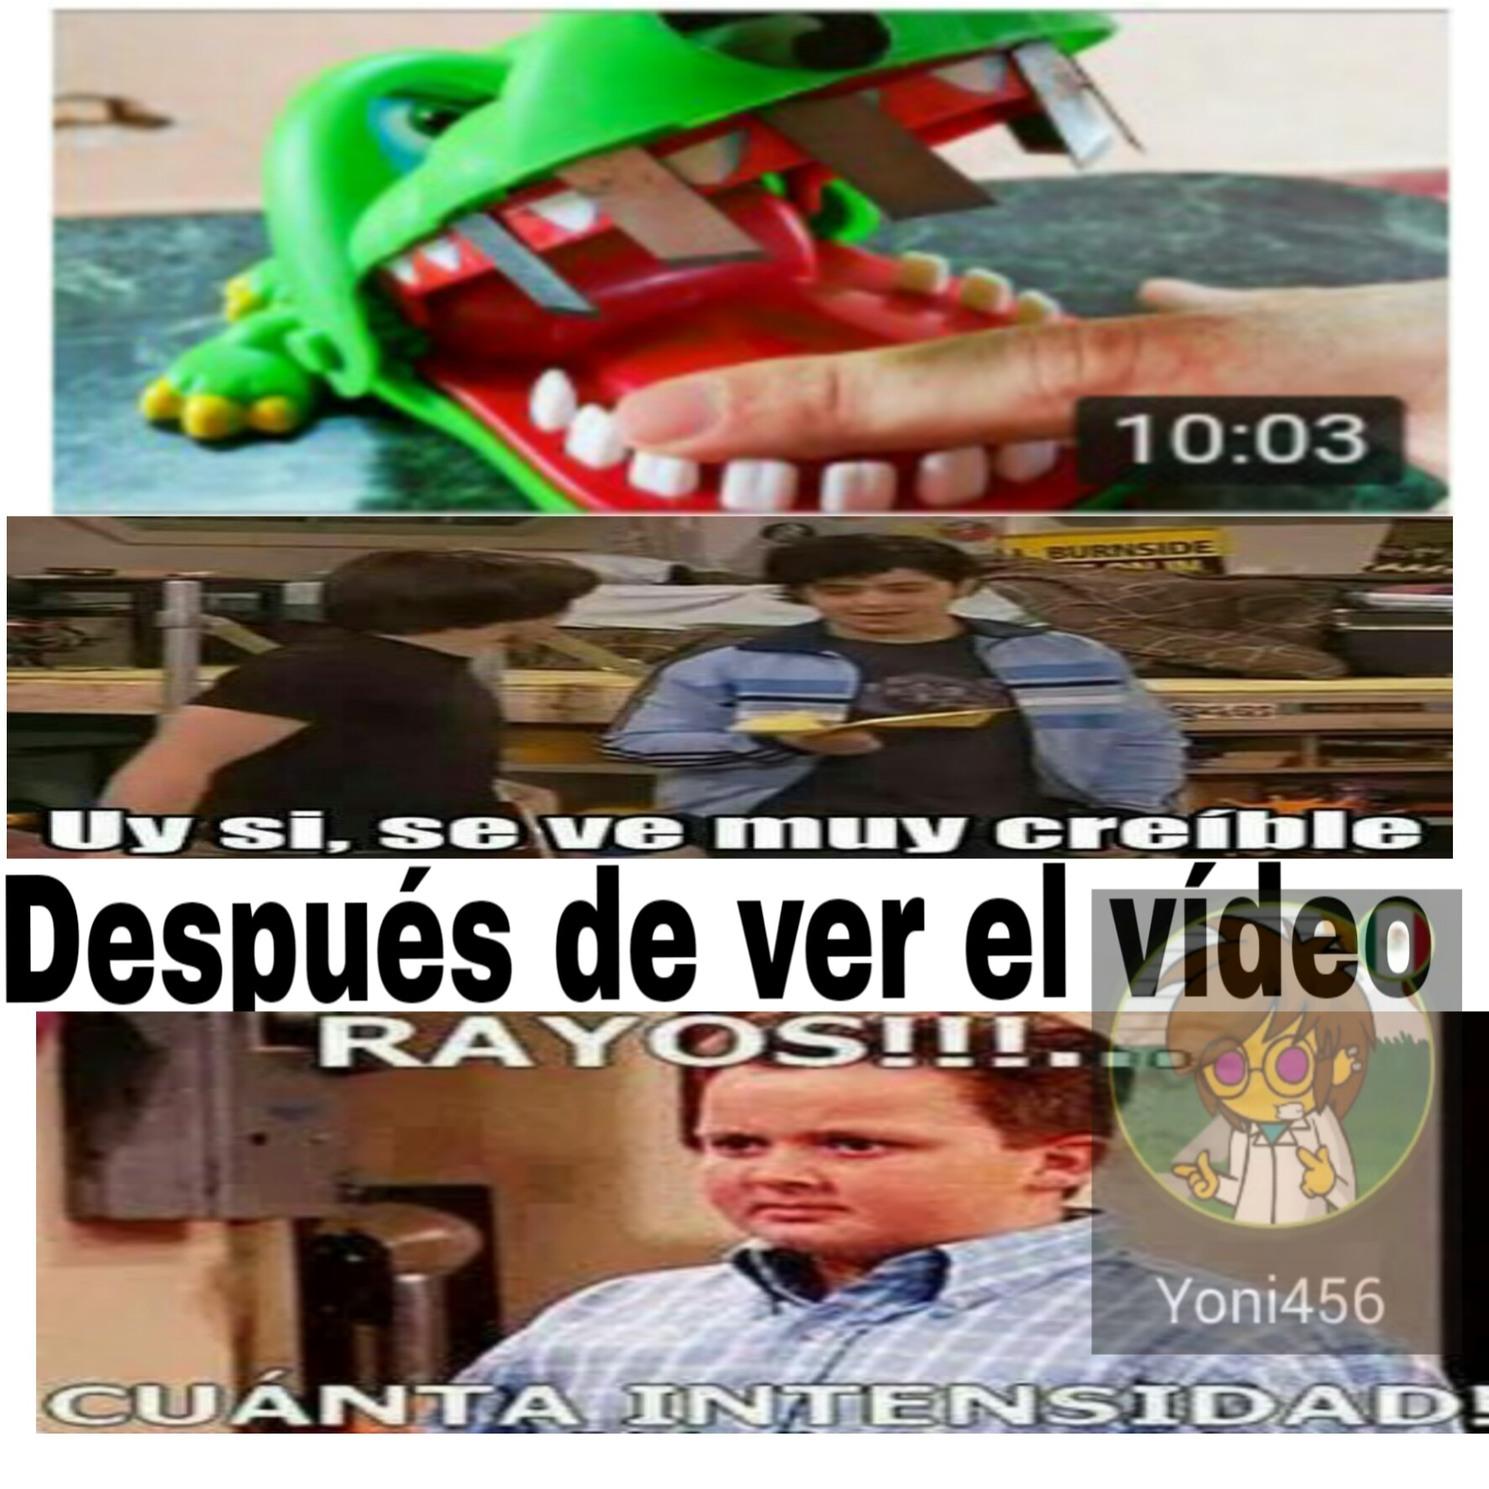 Intenso - meme